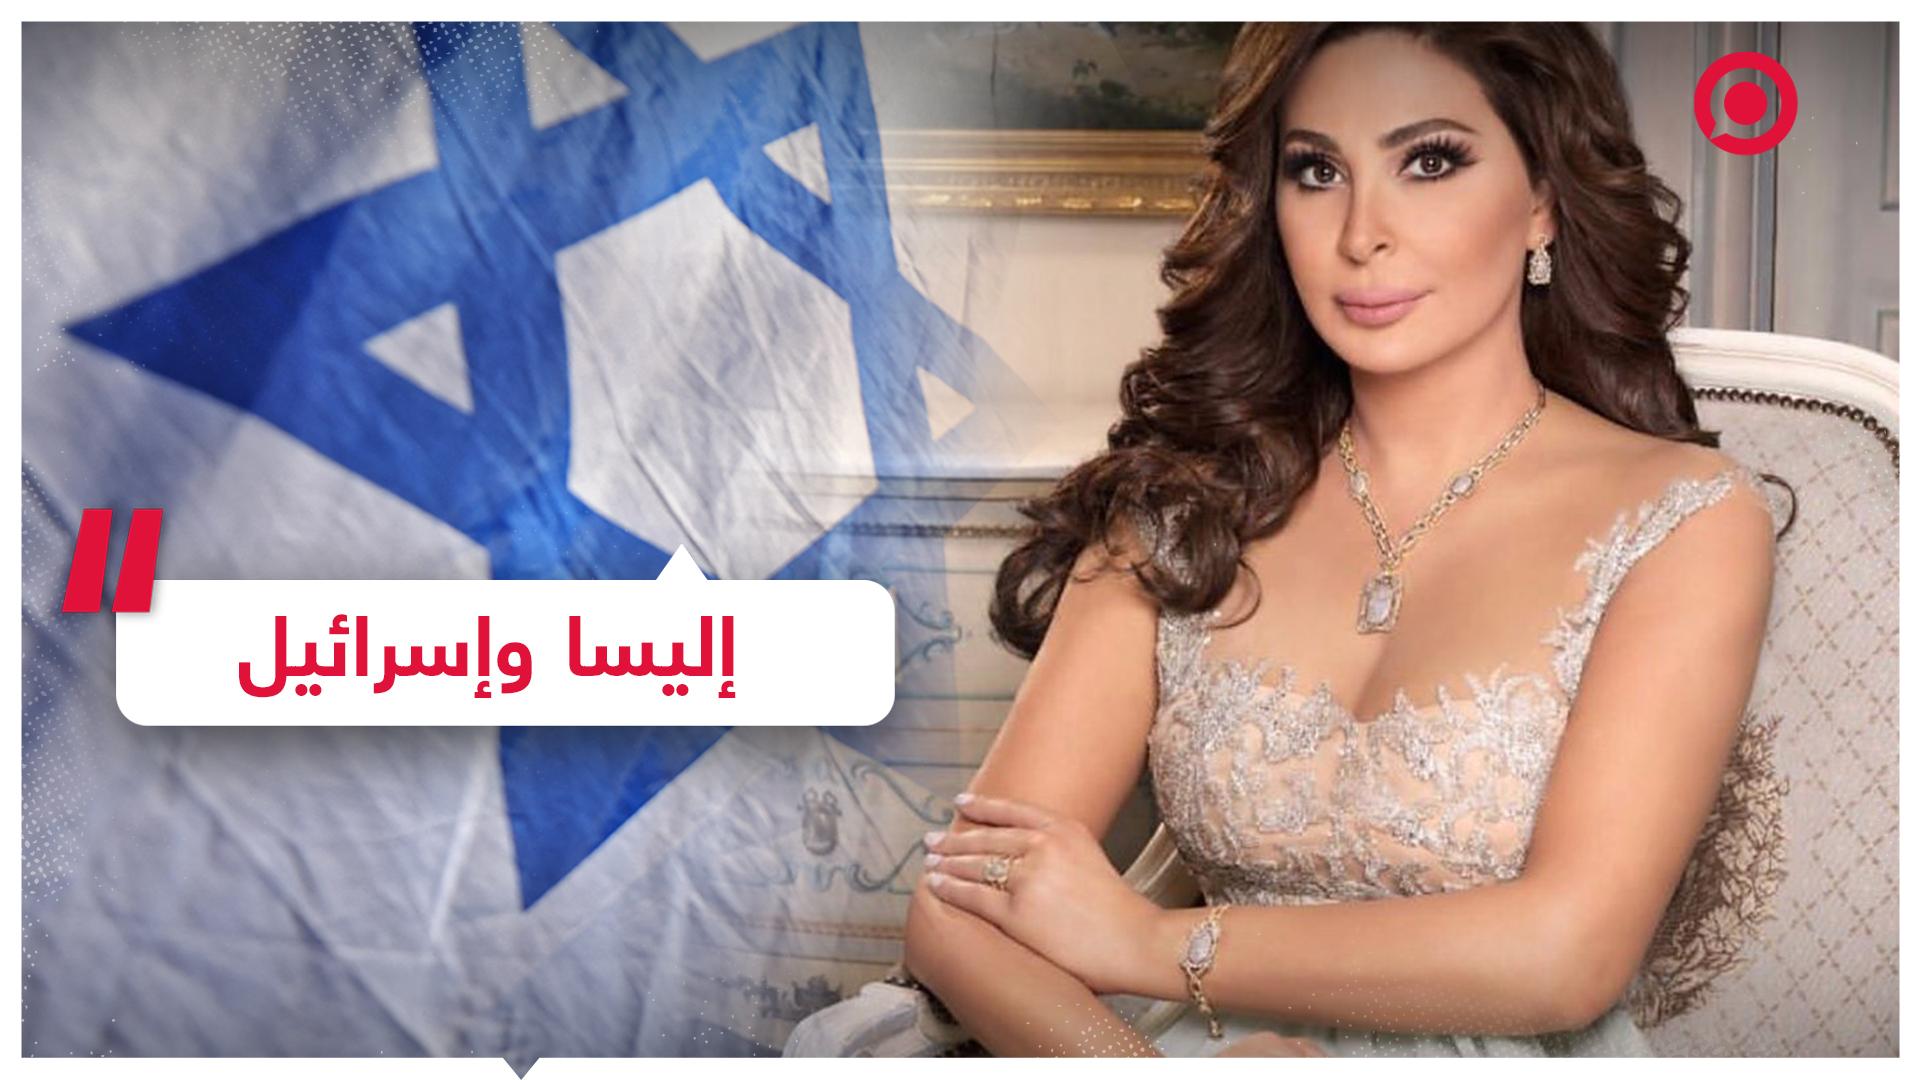 #إليسا #لبنان #إسرائيل #فن